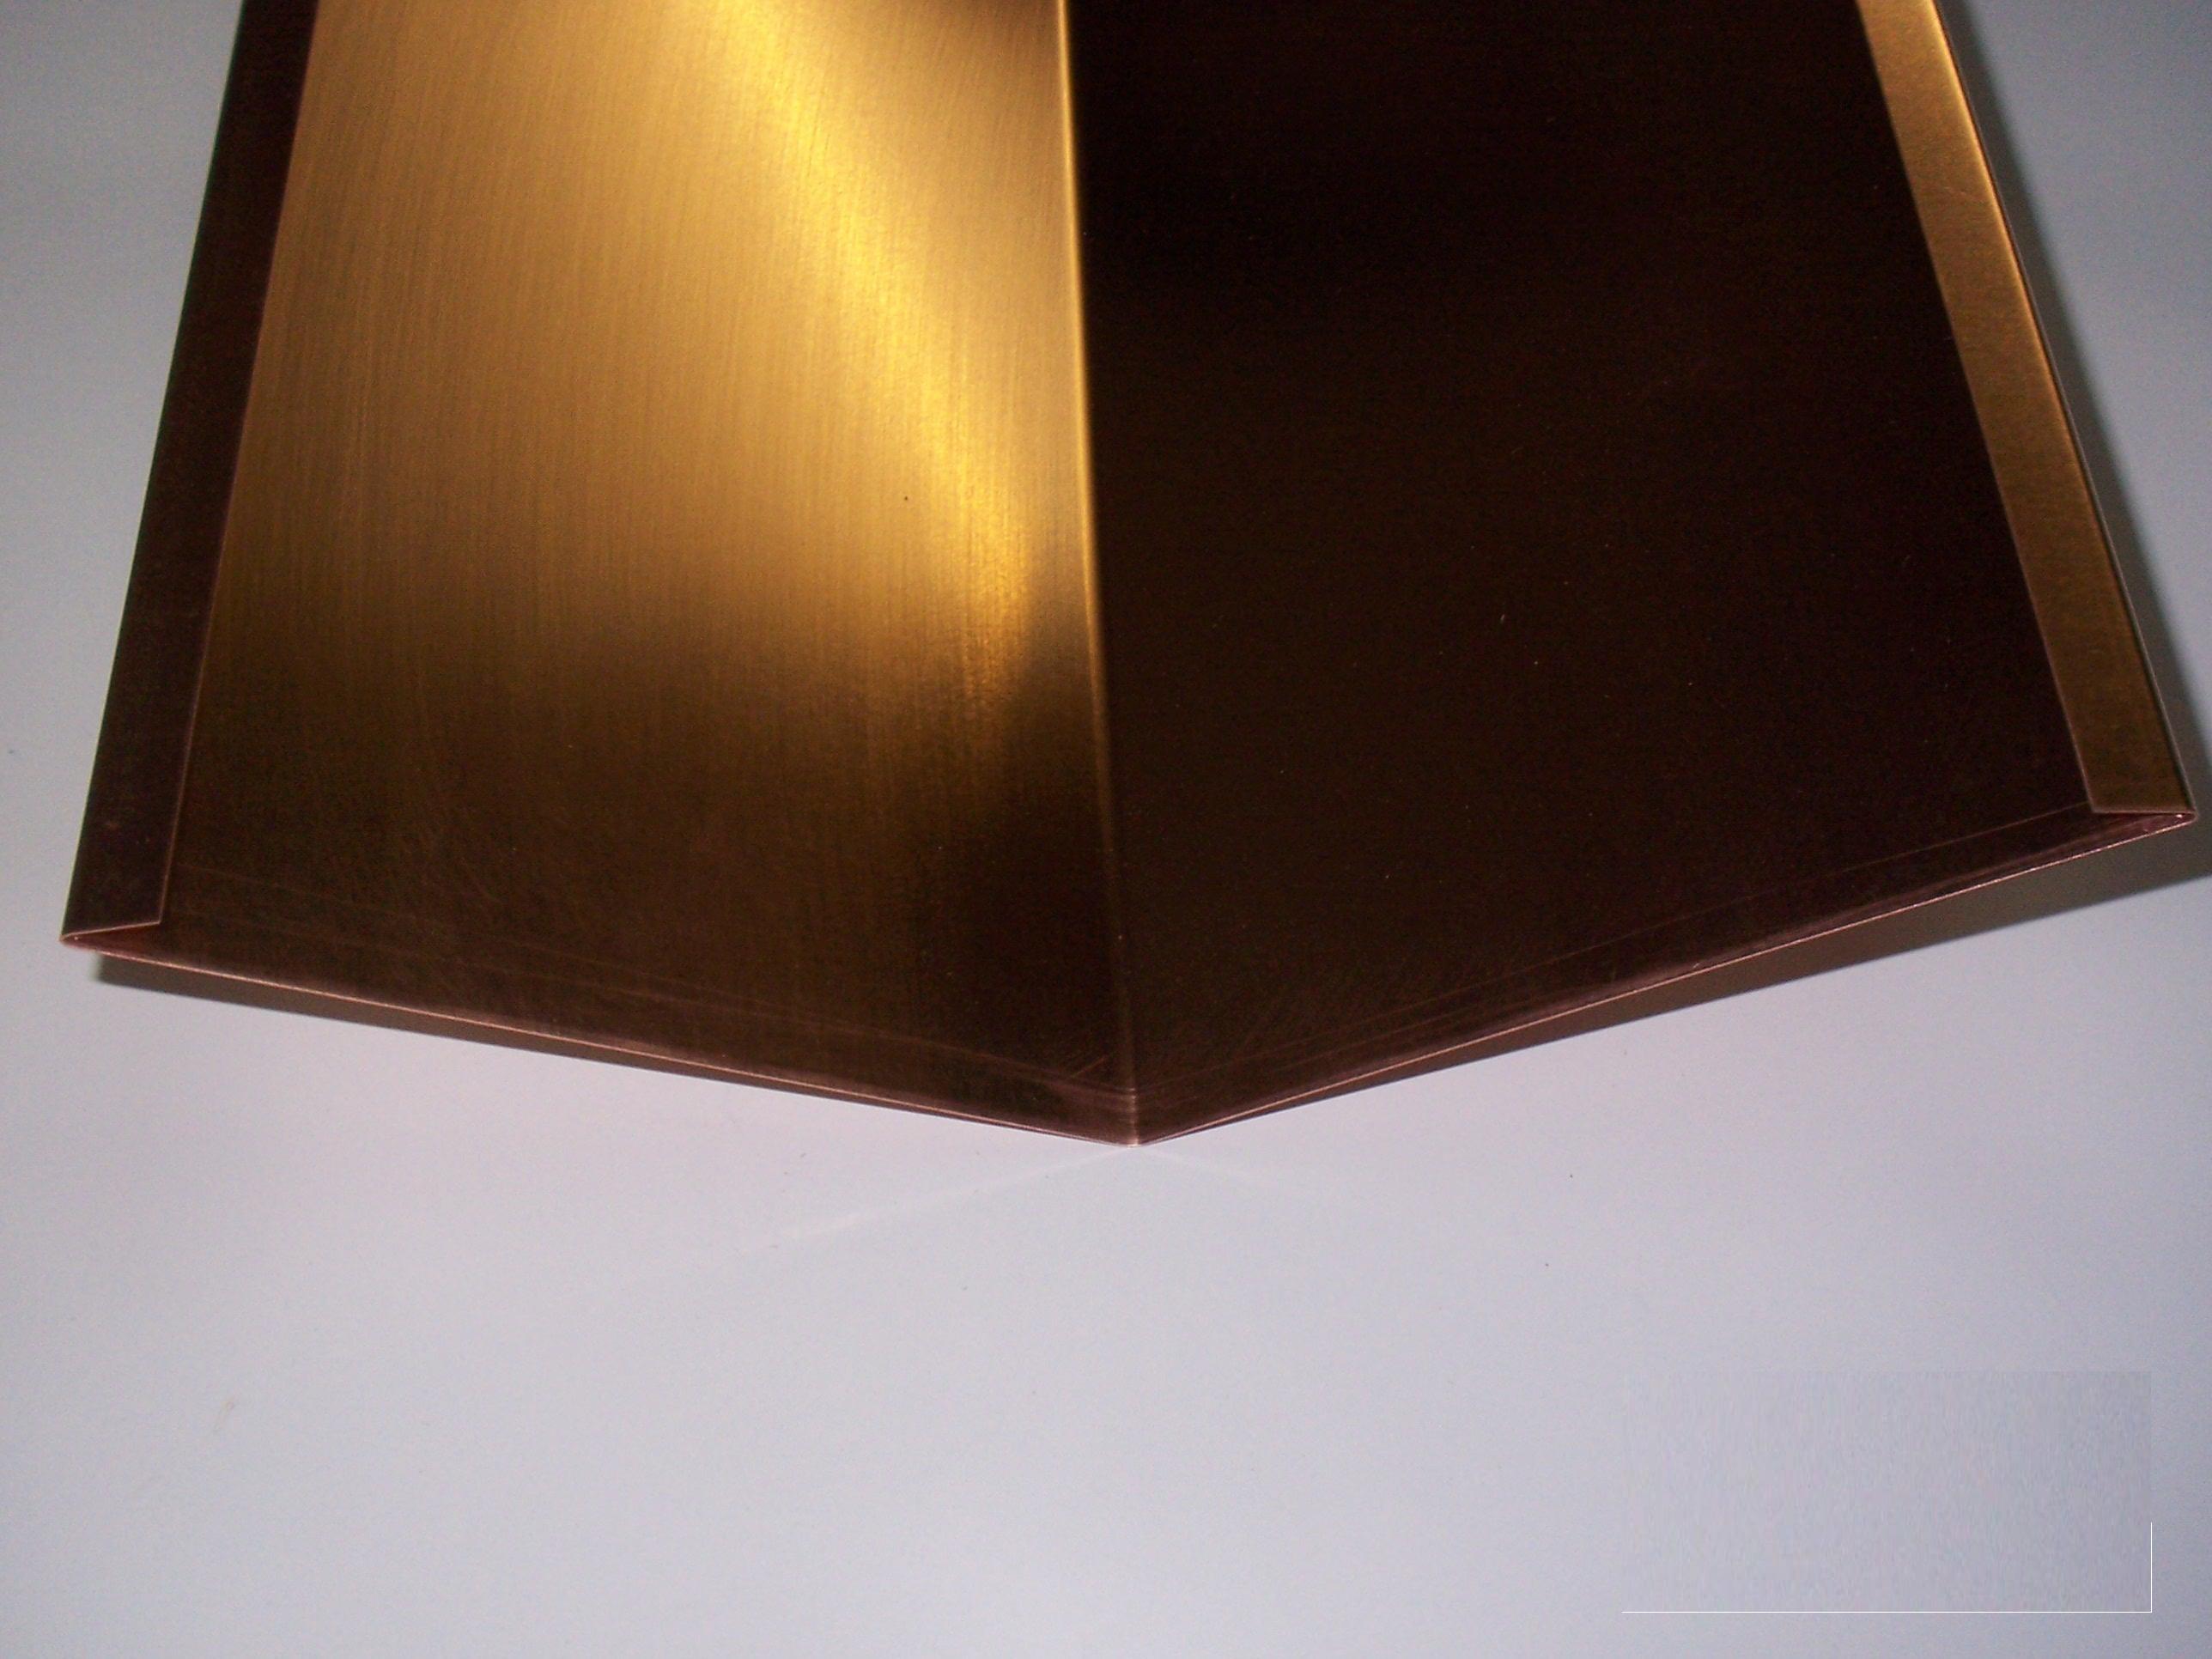 Winkelblech Dachblech Maße Kehlblech 1m lang Kupfer versch Kehle